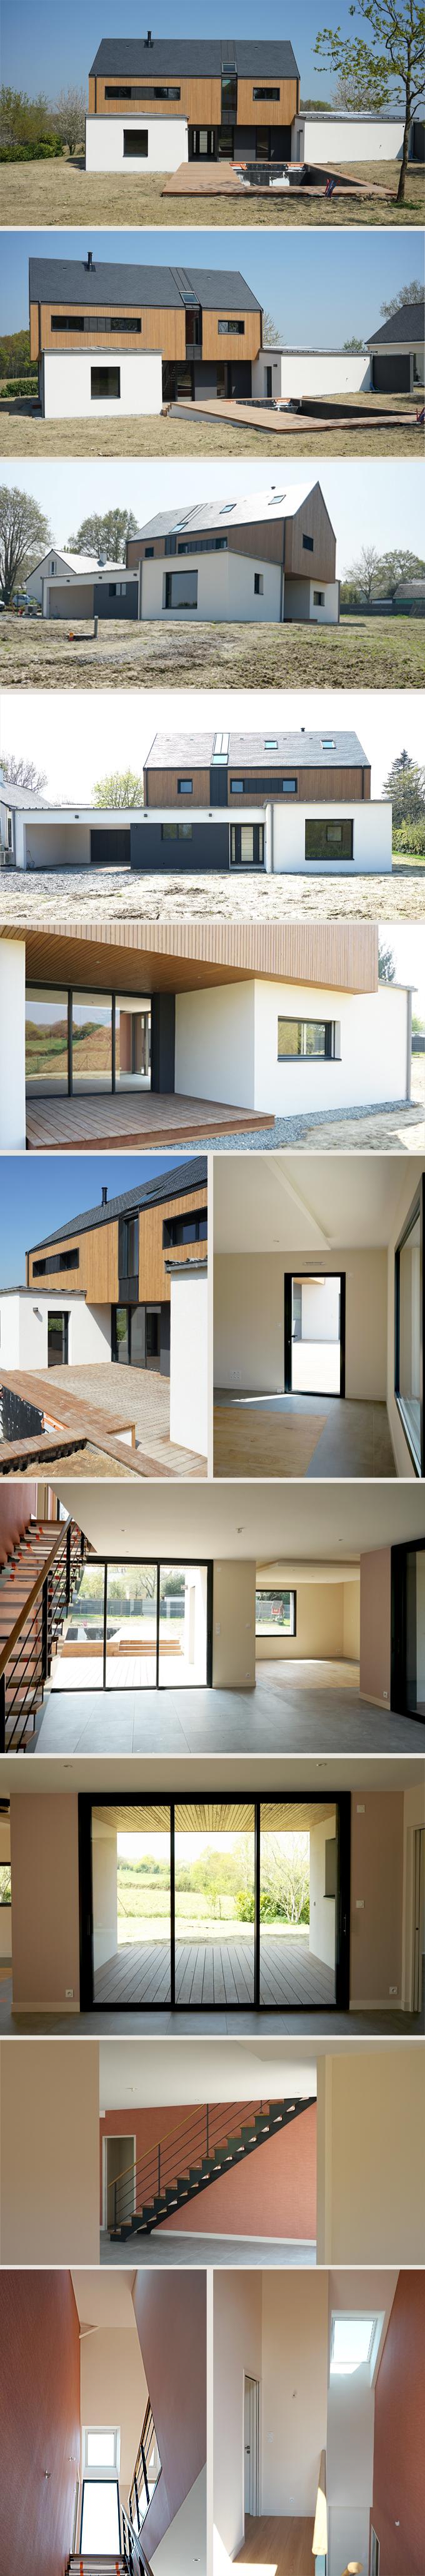 Construction d'une habitation à TREILLERES (44)